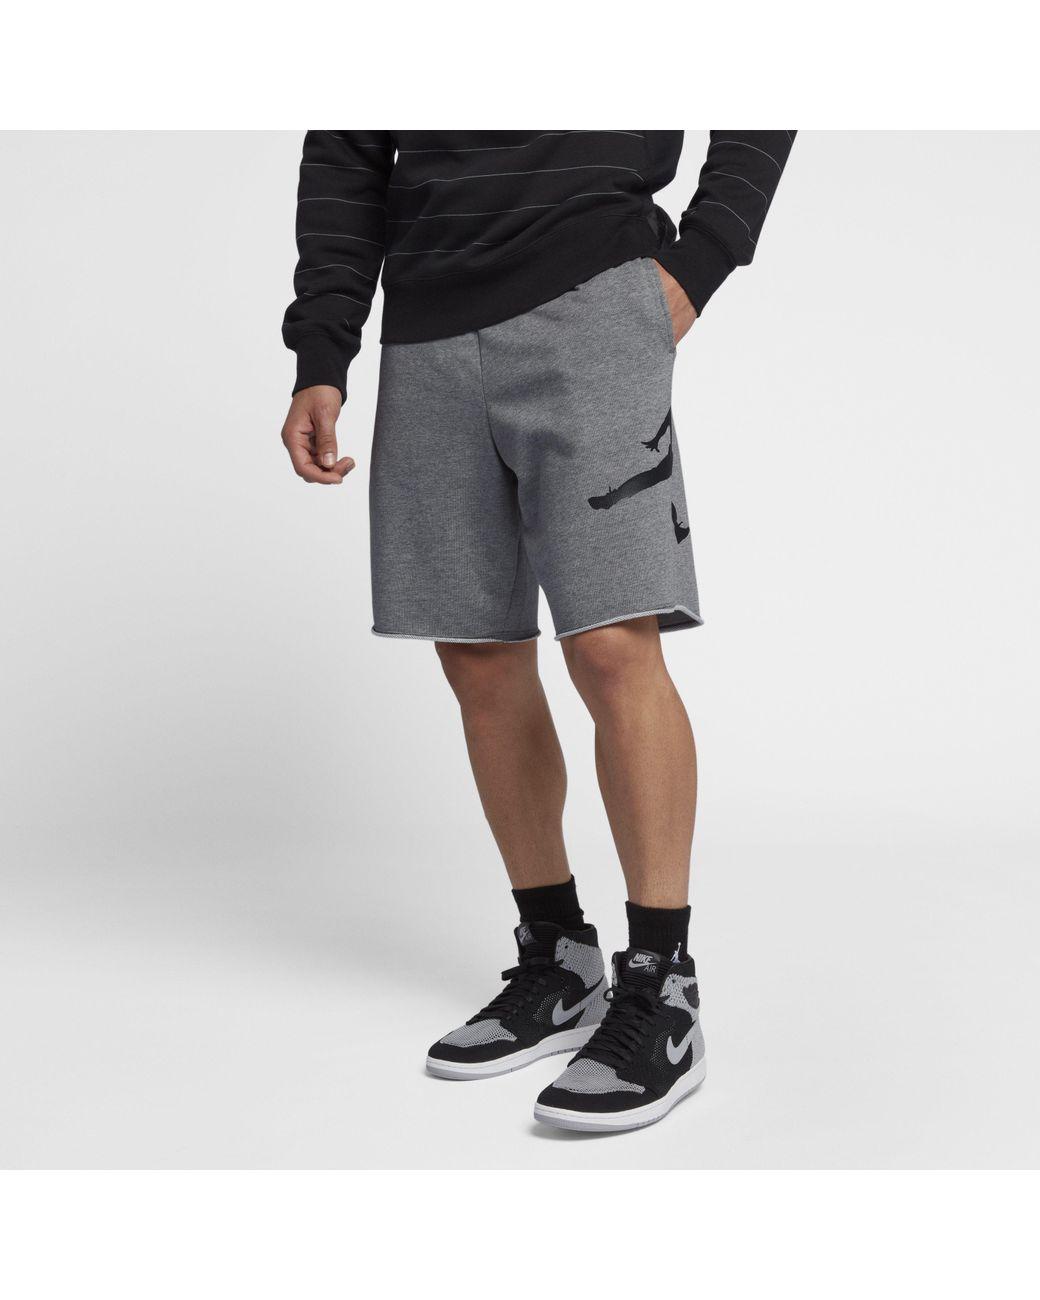 132d625b2f2 Nike Jordan Jumpman Logo Fleece Shorts in Gray for Men - Lyst